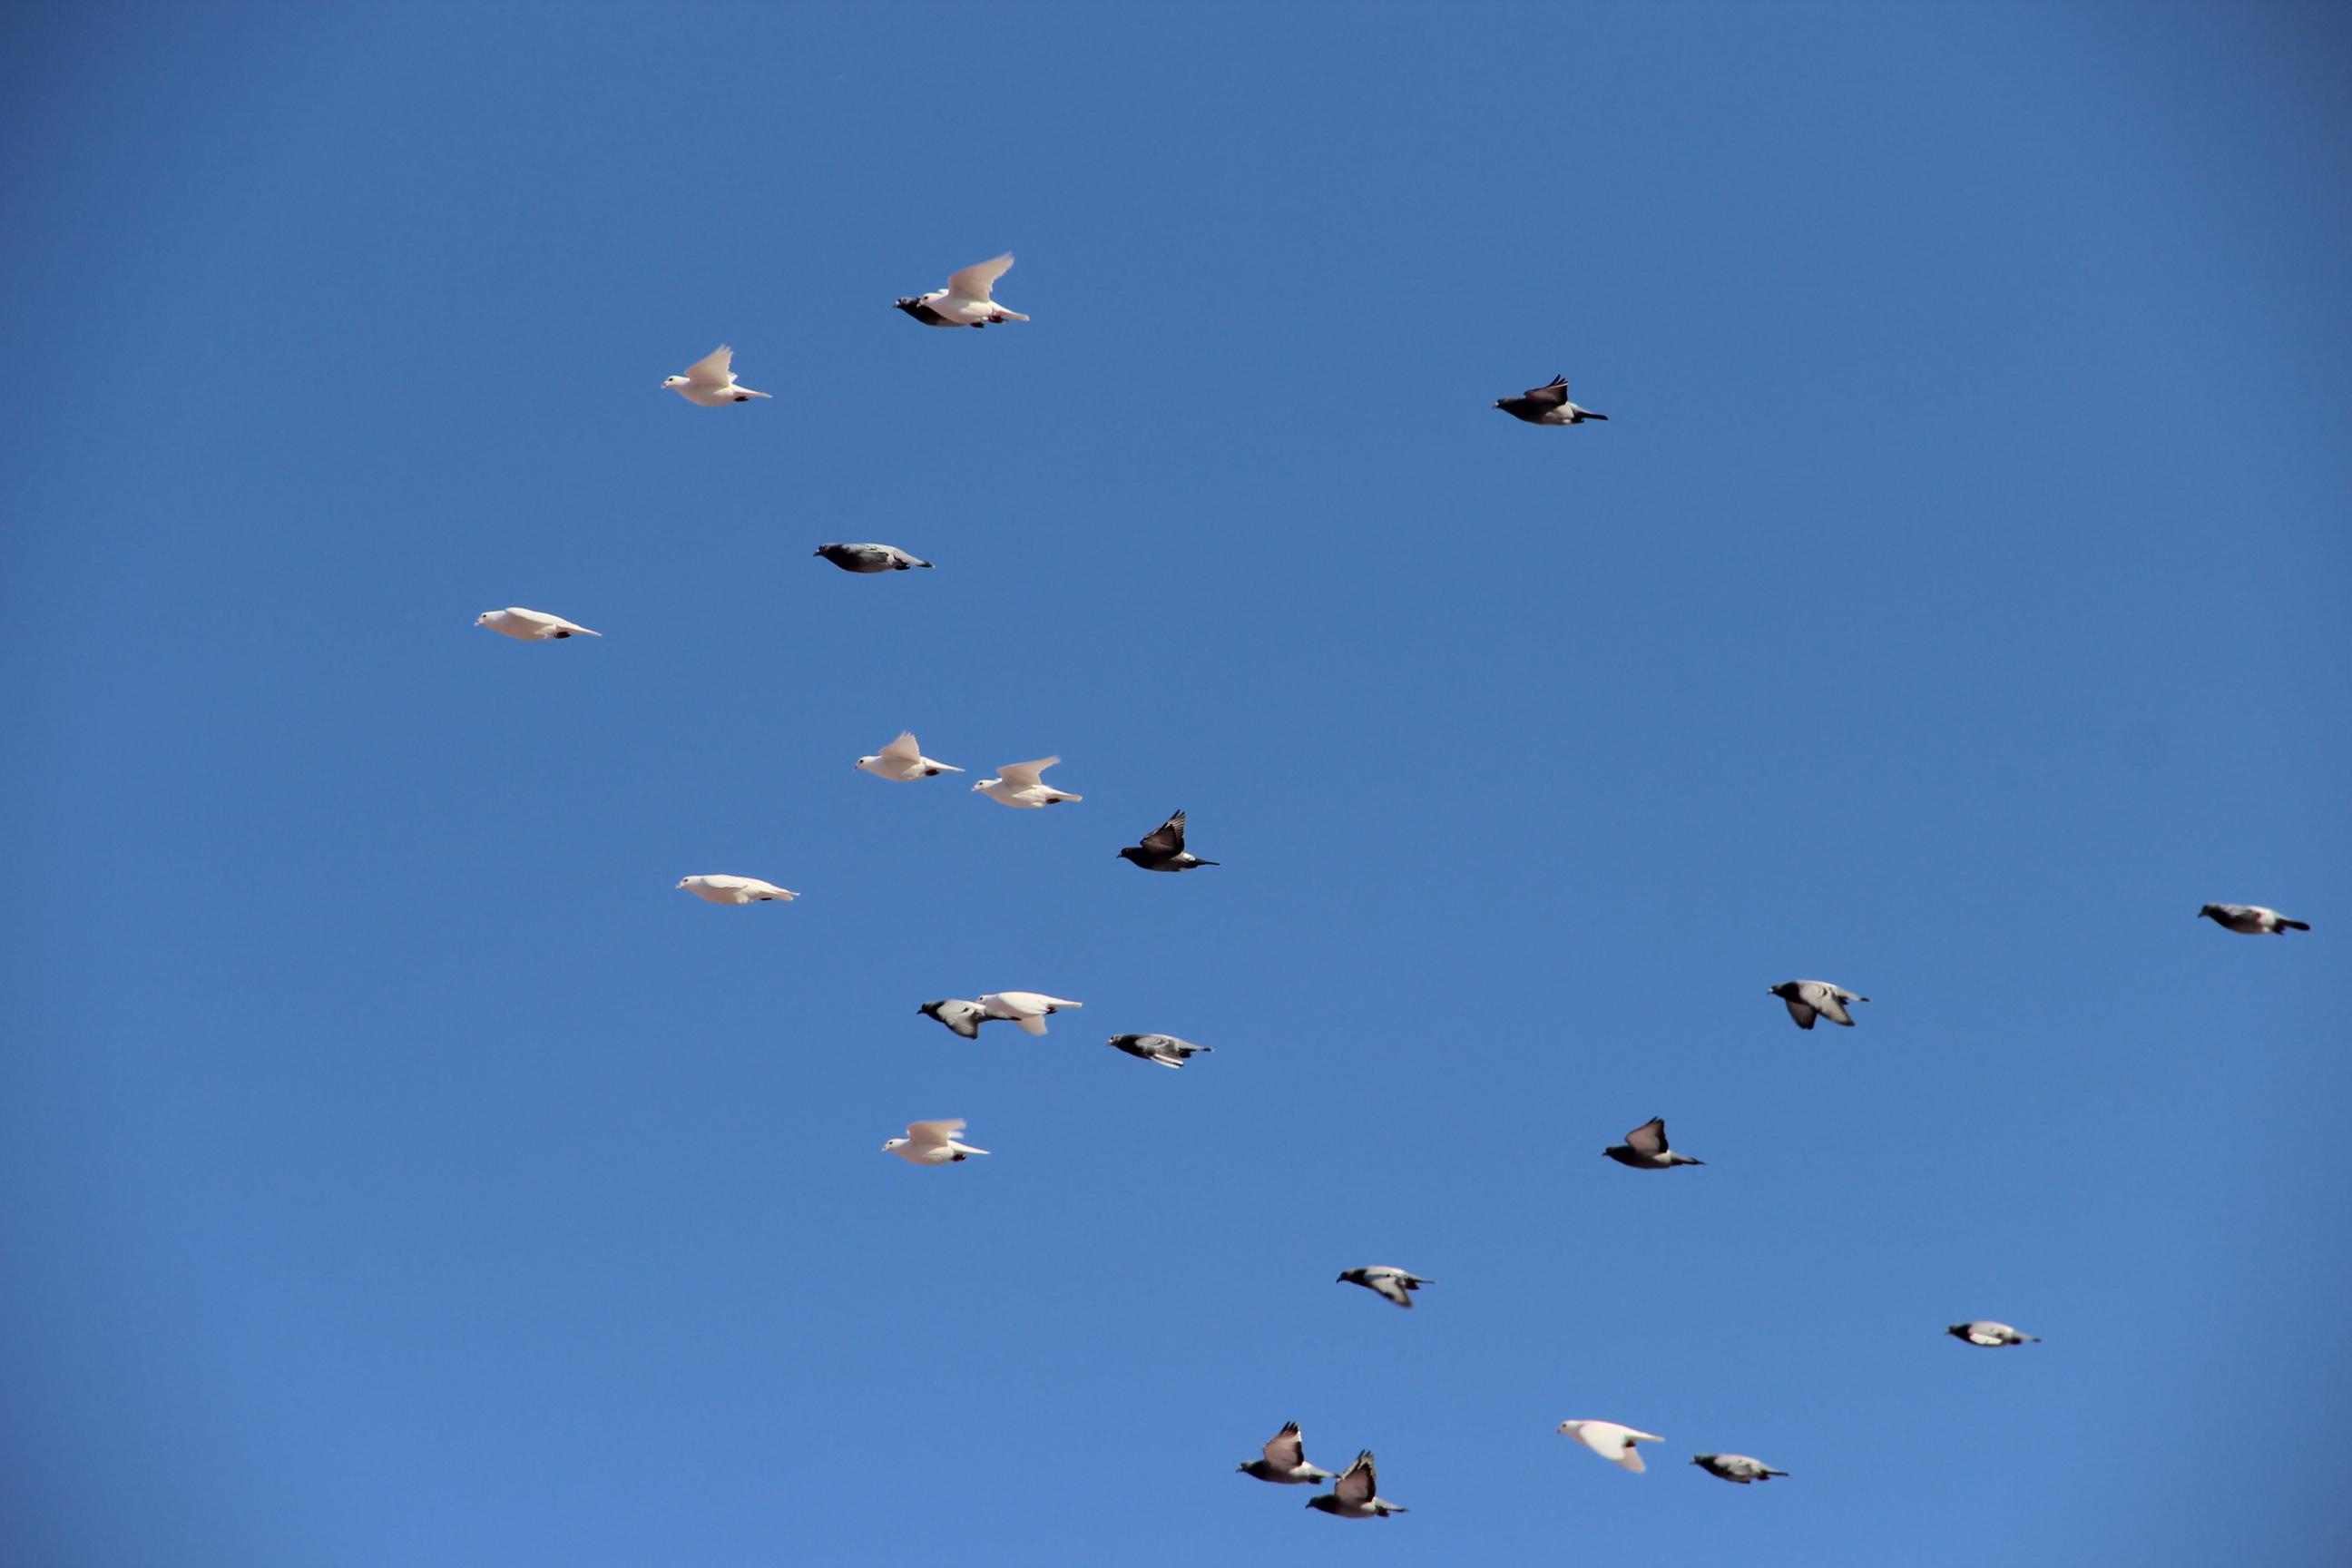 Foto: Vogelschwarm vor eisblauem Himmel. Die Vögel leuchten weiß und schwarz.